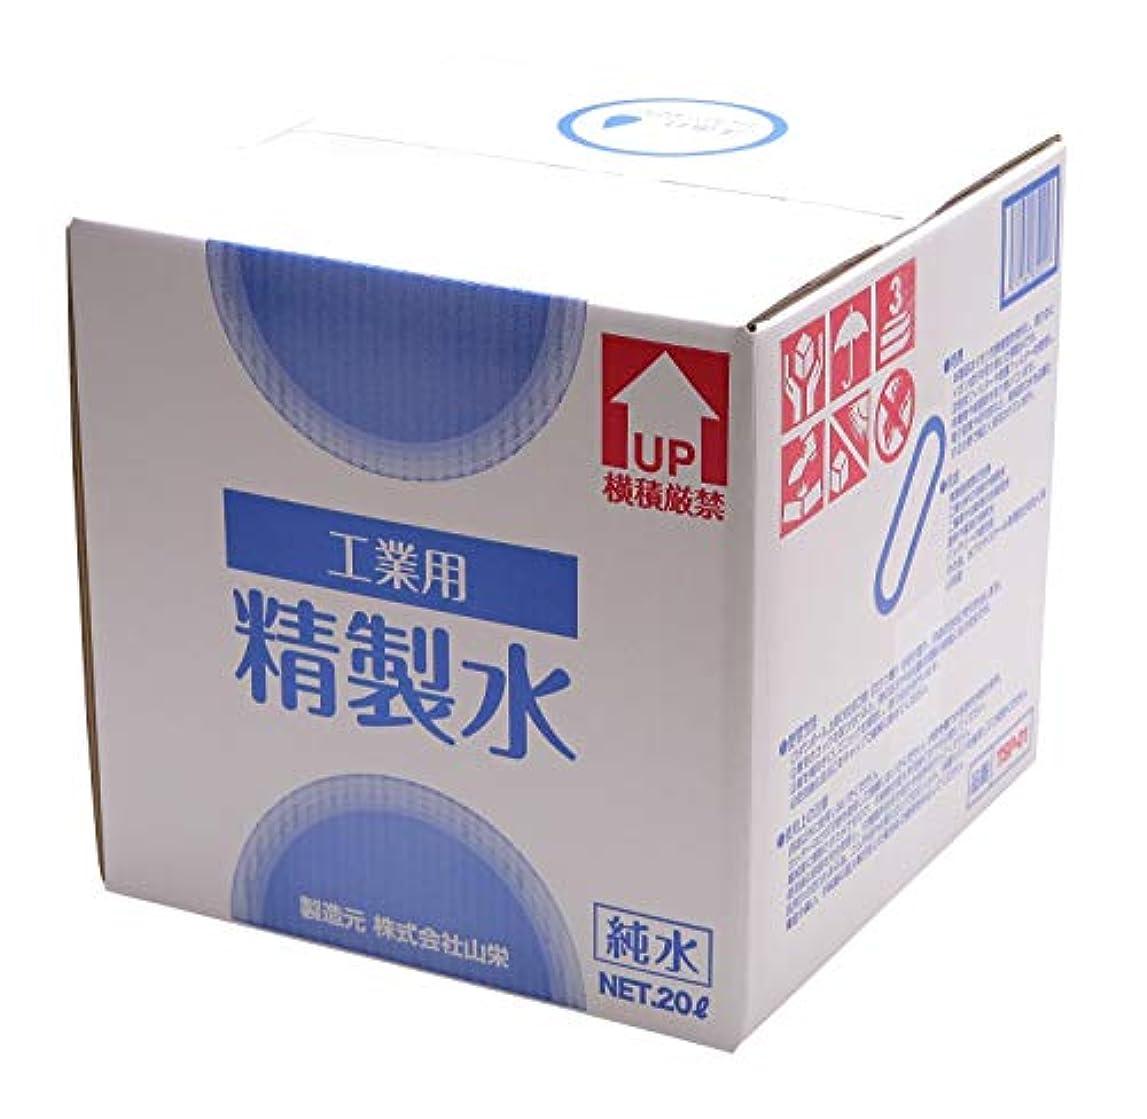 かご子供時代割るサンエイ化学 工業用精製水 純水 20L×5箱 コックなし 【スチーマー 加湿器 オートクレーブ エステ 美容 歯科】